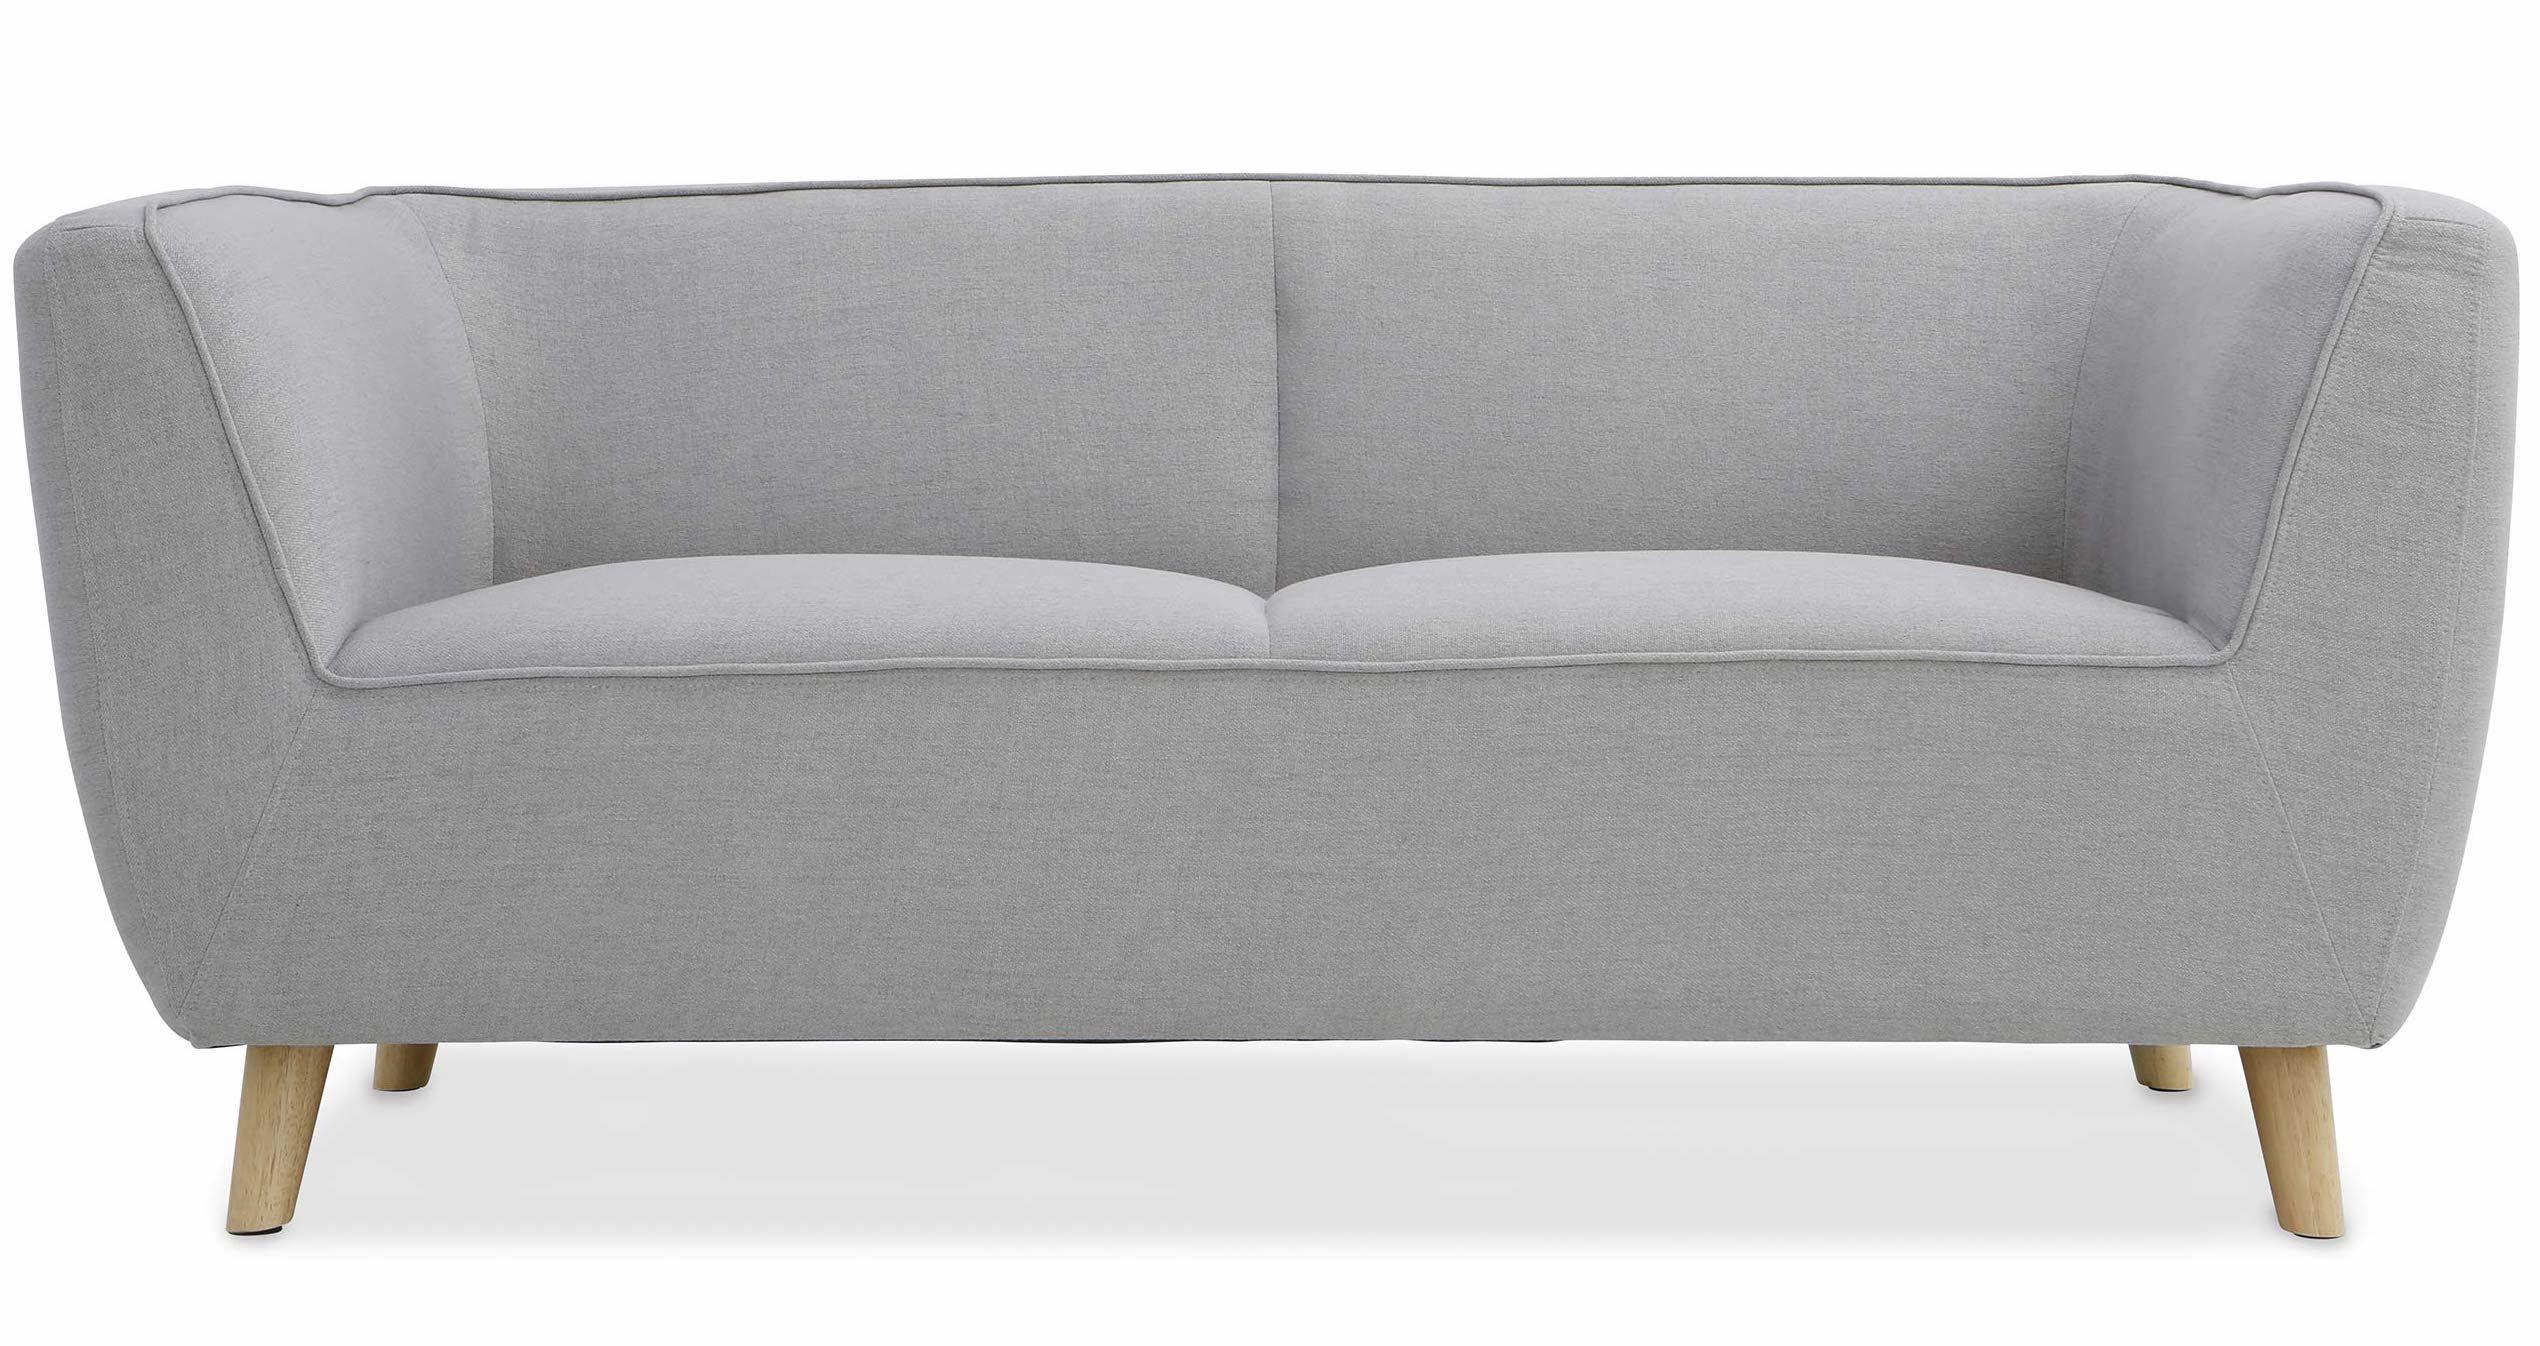 canap scandinave 3 places tissu gris clair divan. Black Bedroom Furniture Sets. Home Design Ideas